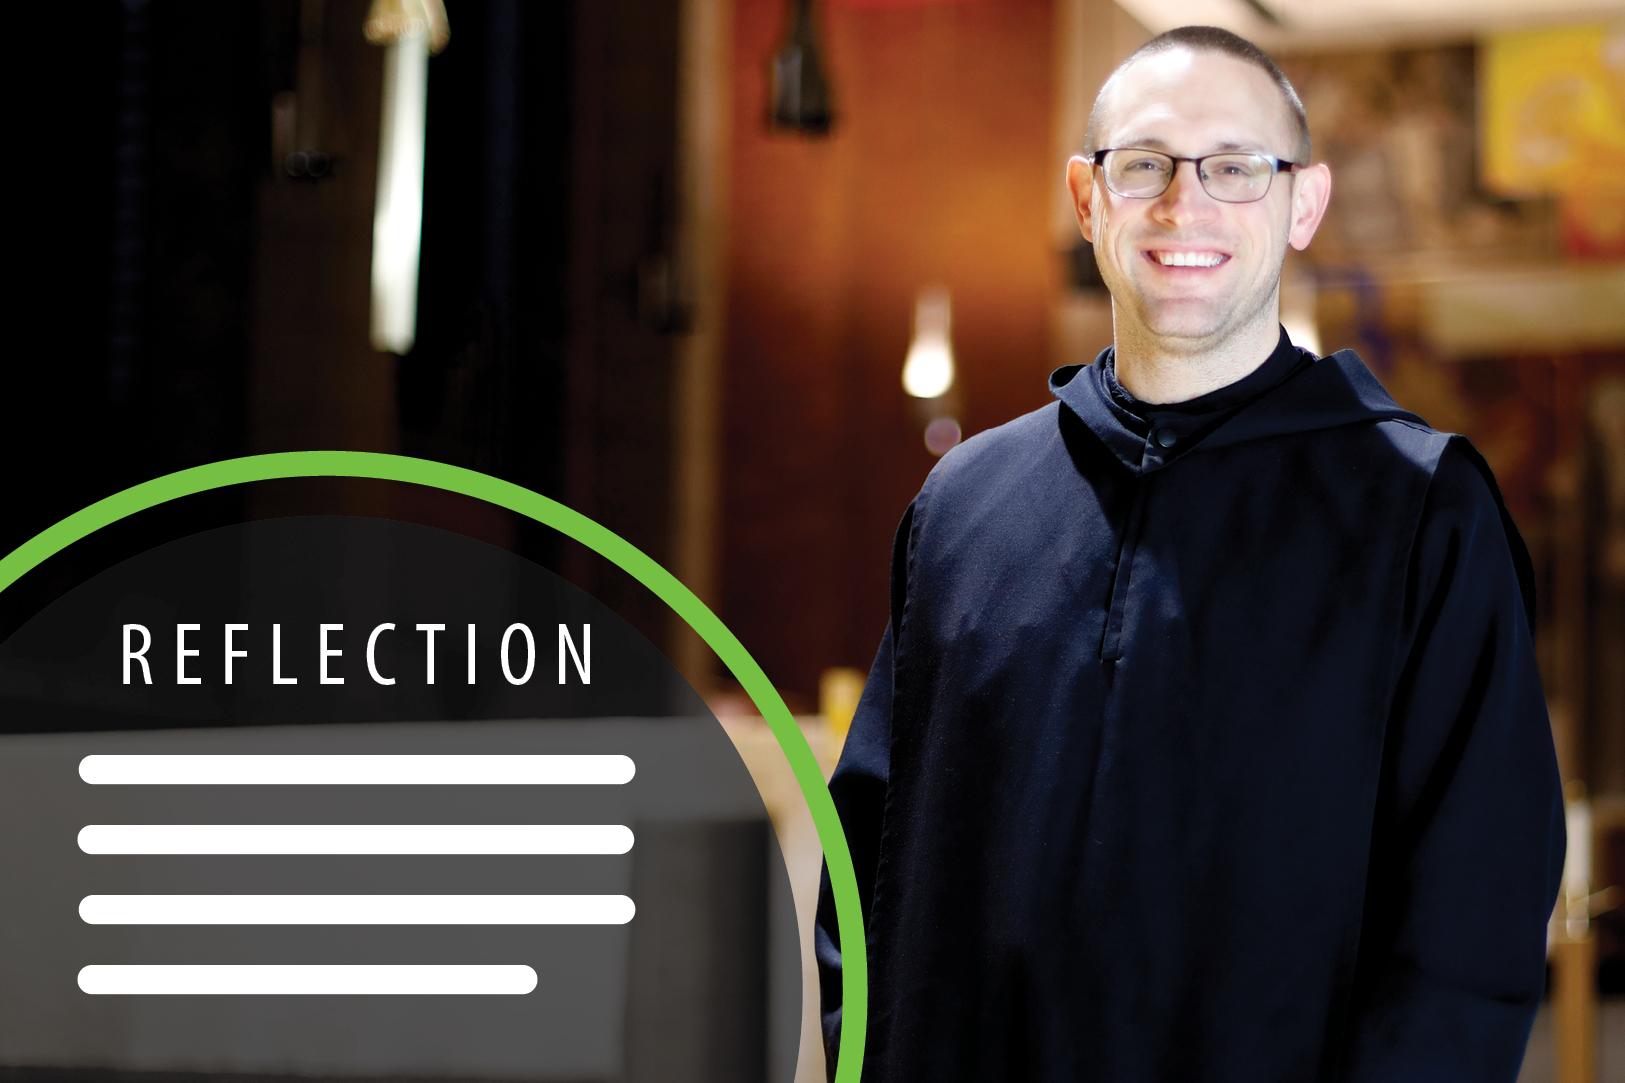 Br. Leven Harton - Subprior & Vocations Director